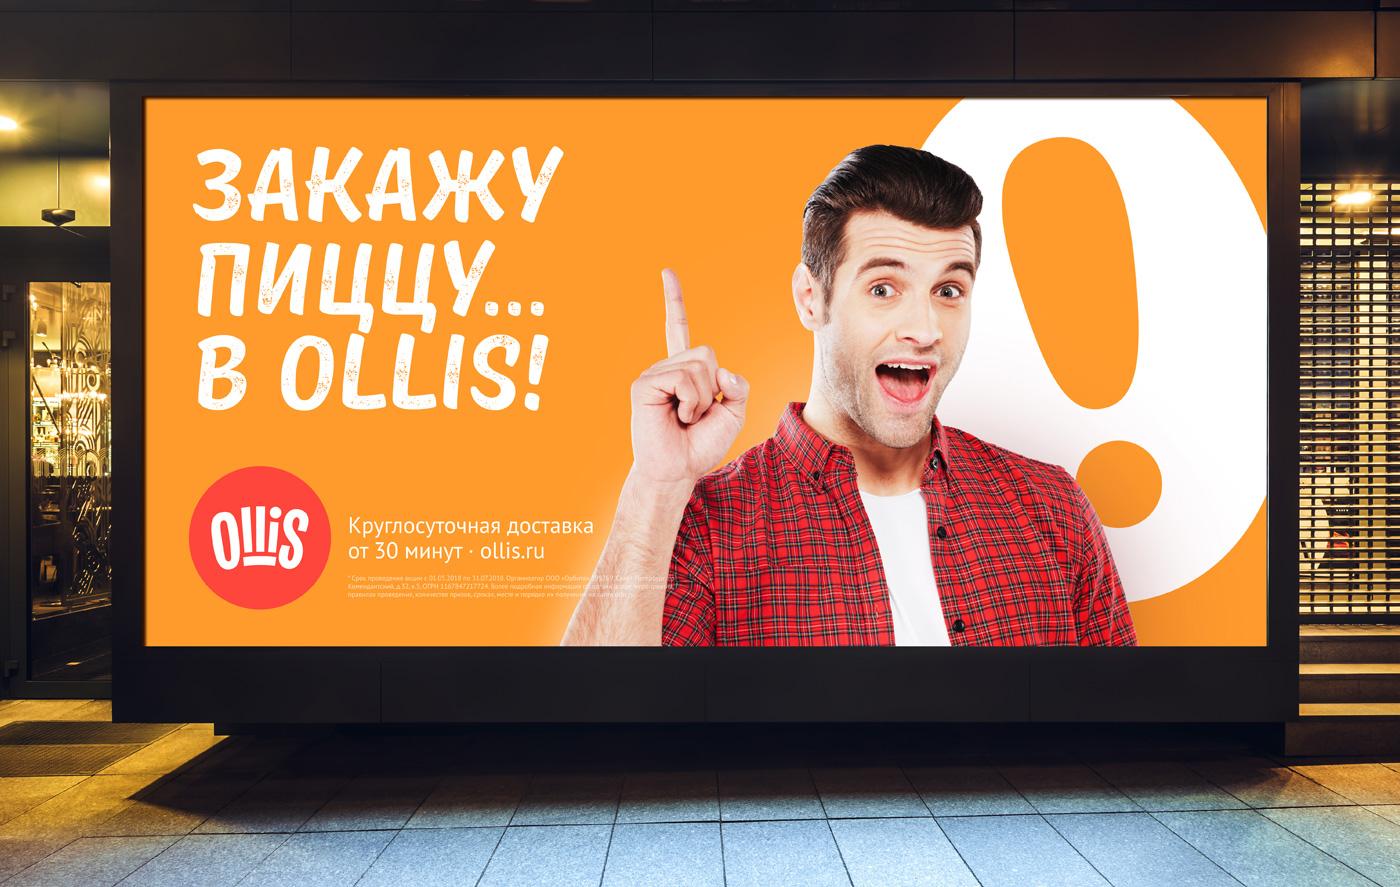 «О! Оллис!»  Креативная имиджевая концепция в основе рекламных материалов бренда построена вокруг это отличной идеи.